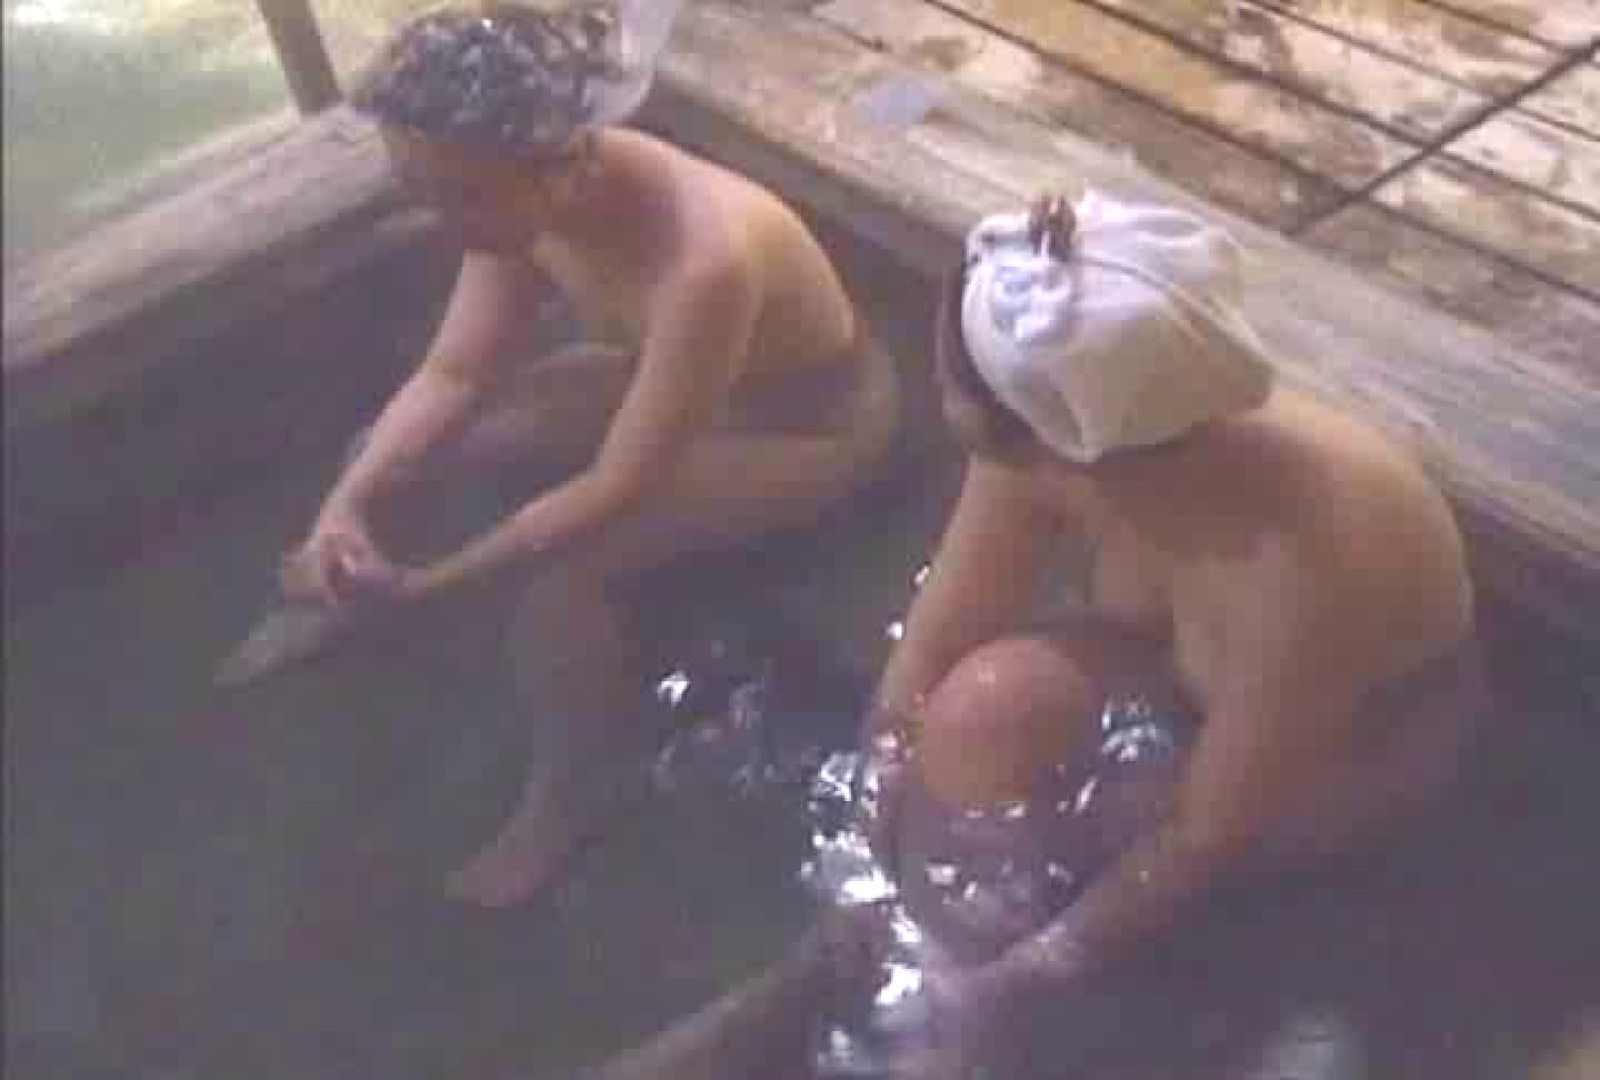 素人投稿シリーズ 盗撮 覗きの穴場 大浴場編  Vol.2 覗き SEX無修正画像 91連発 64